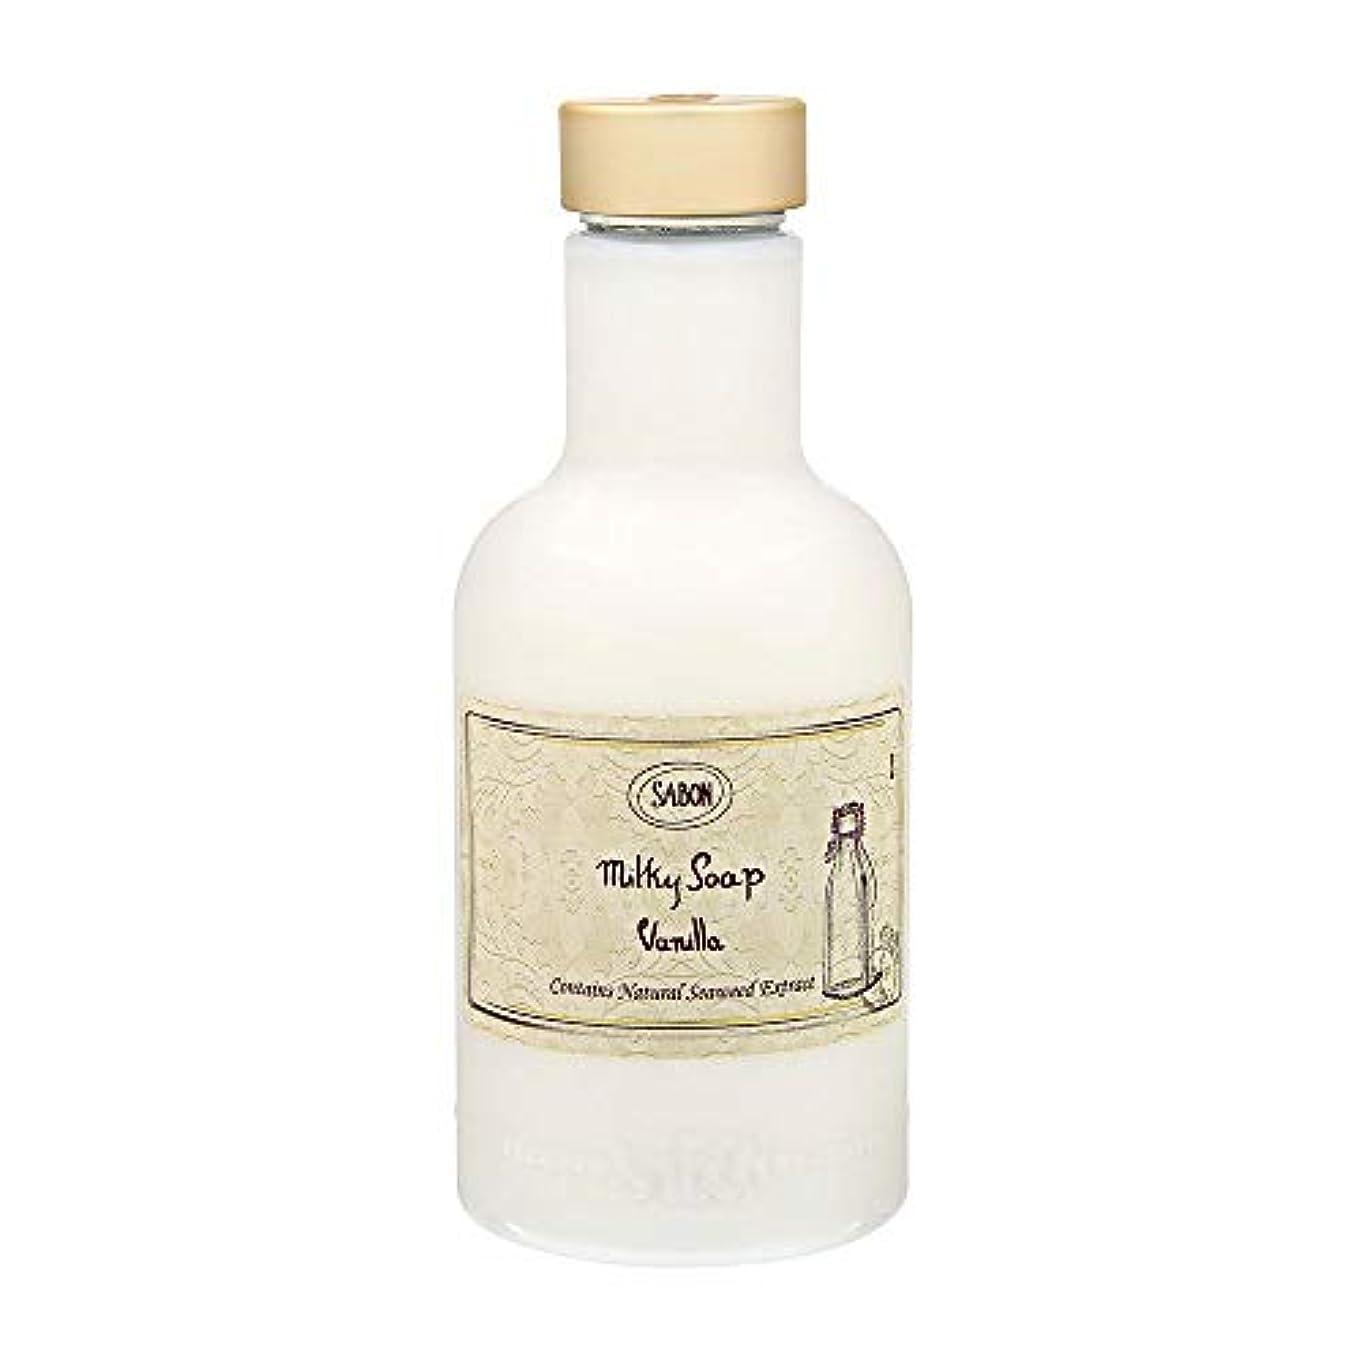 サボン(SABON) ミルキーソープ バニラ [並行輸入品]